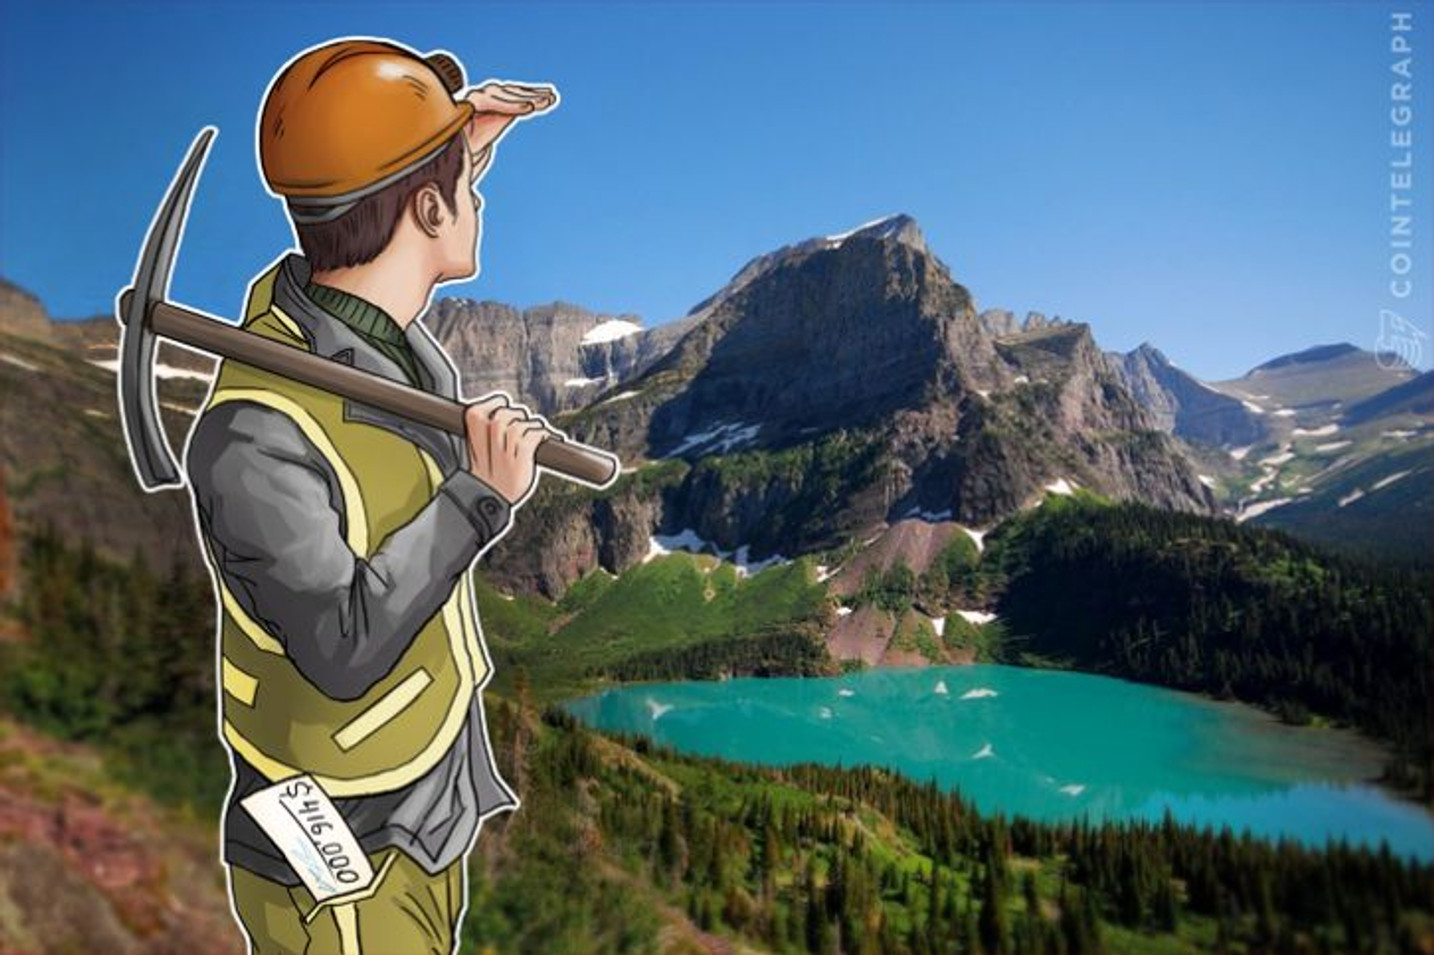 Američka država Montana odobrila subvenciju za finansiranje bitkoin rudarenja